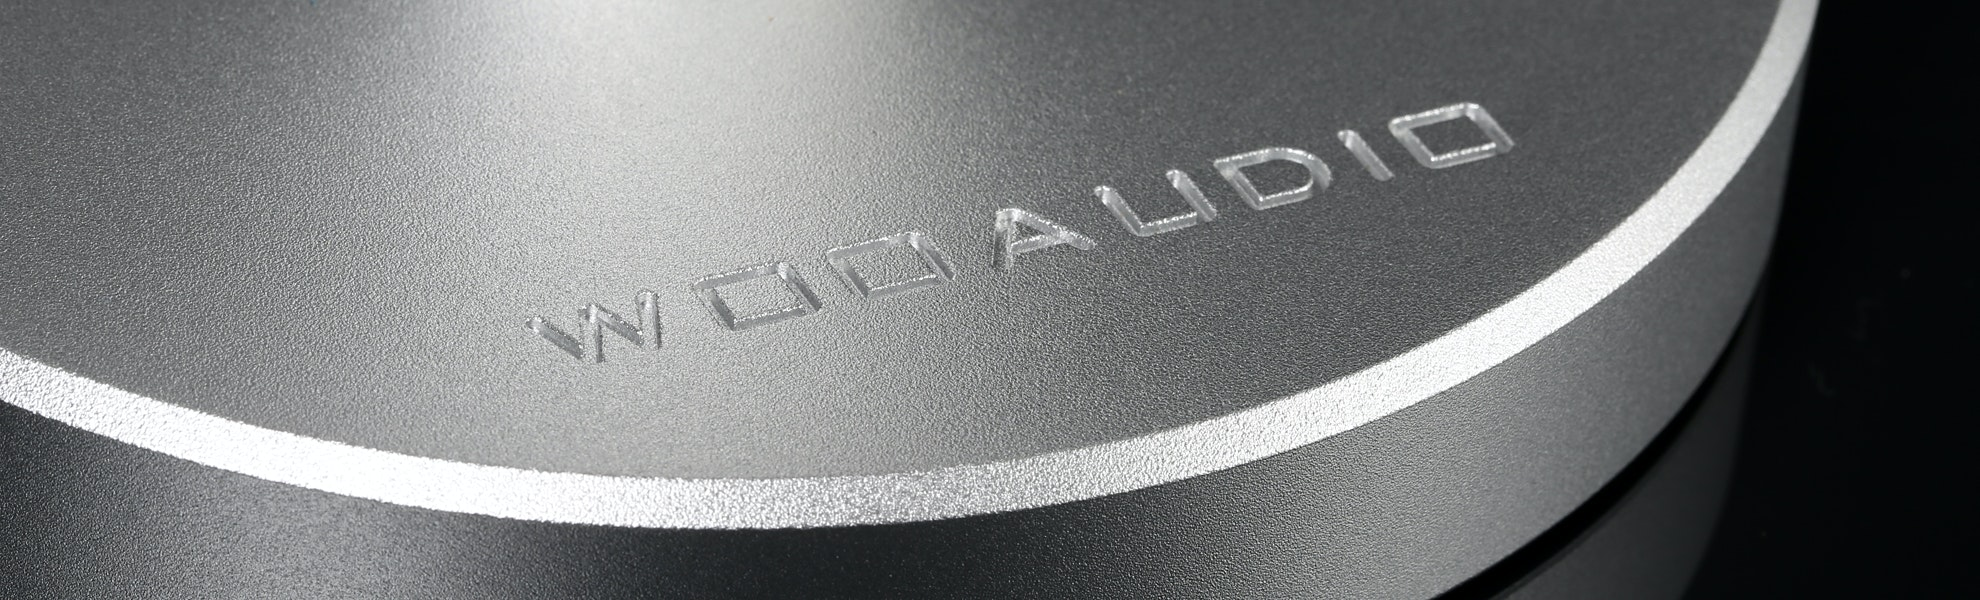 Woo Audio Adjustable Headphone Stand